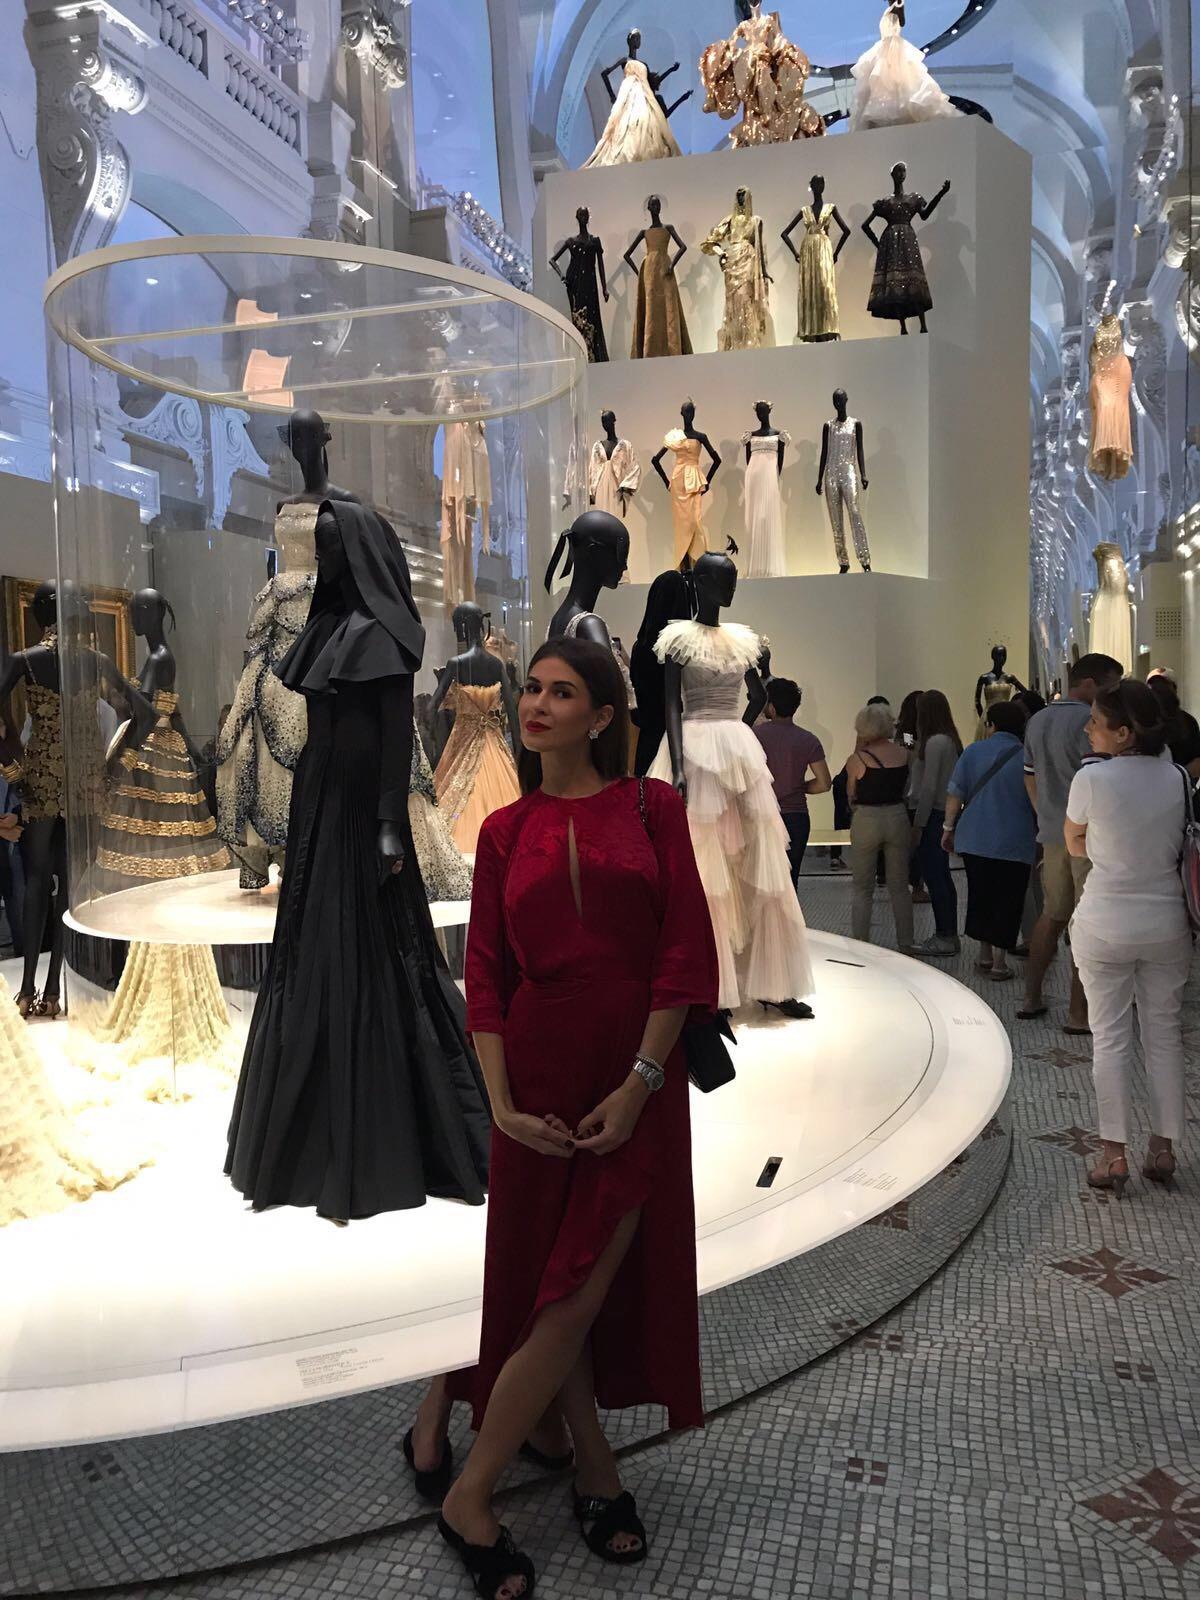 """VIDEO EXCLUSIV/ Cristina Dorobanțu a avut parte de șocul vieții ei la Paris. """"La expoziția casei Dior, mi s-a facut rău!"""""""